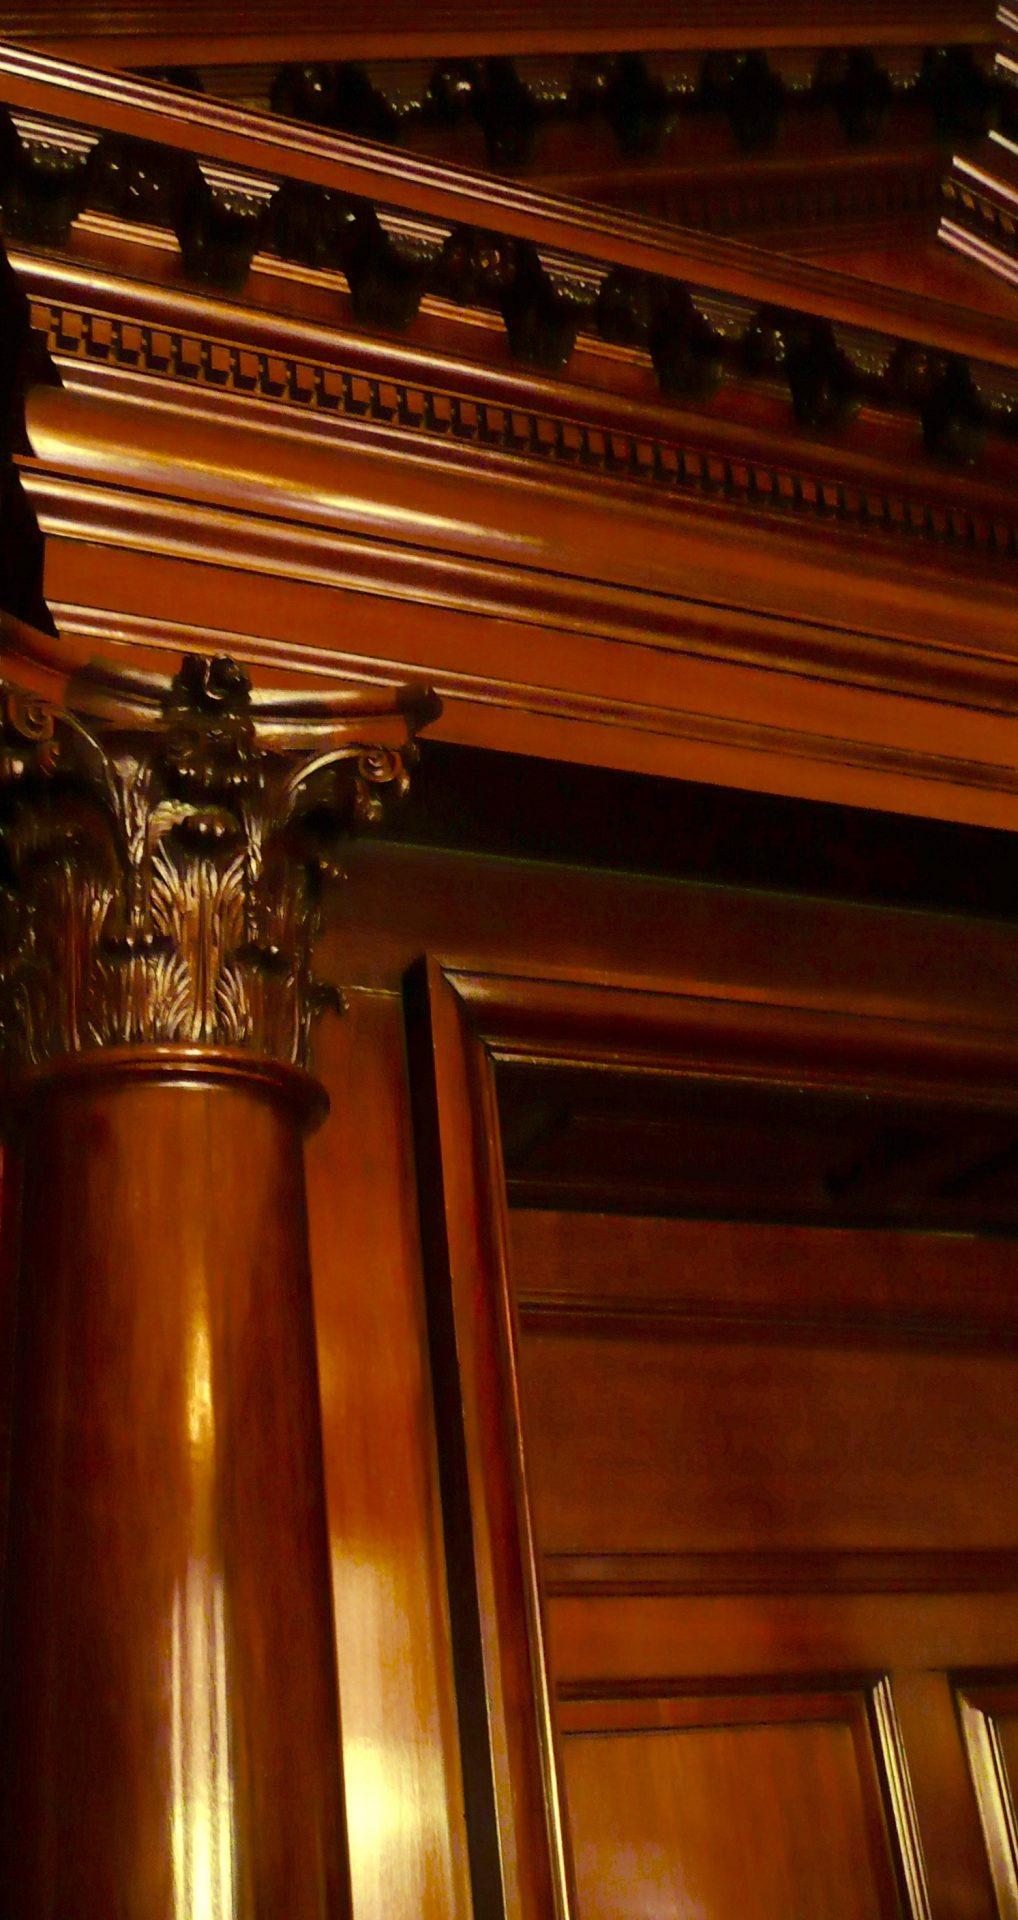 18th-century-mahogany-frame